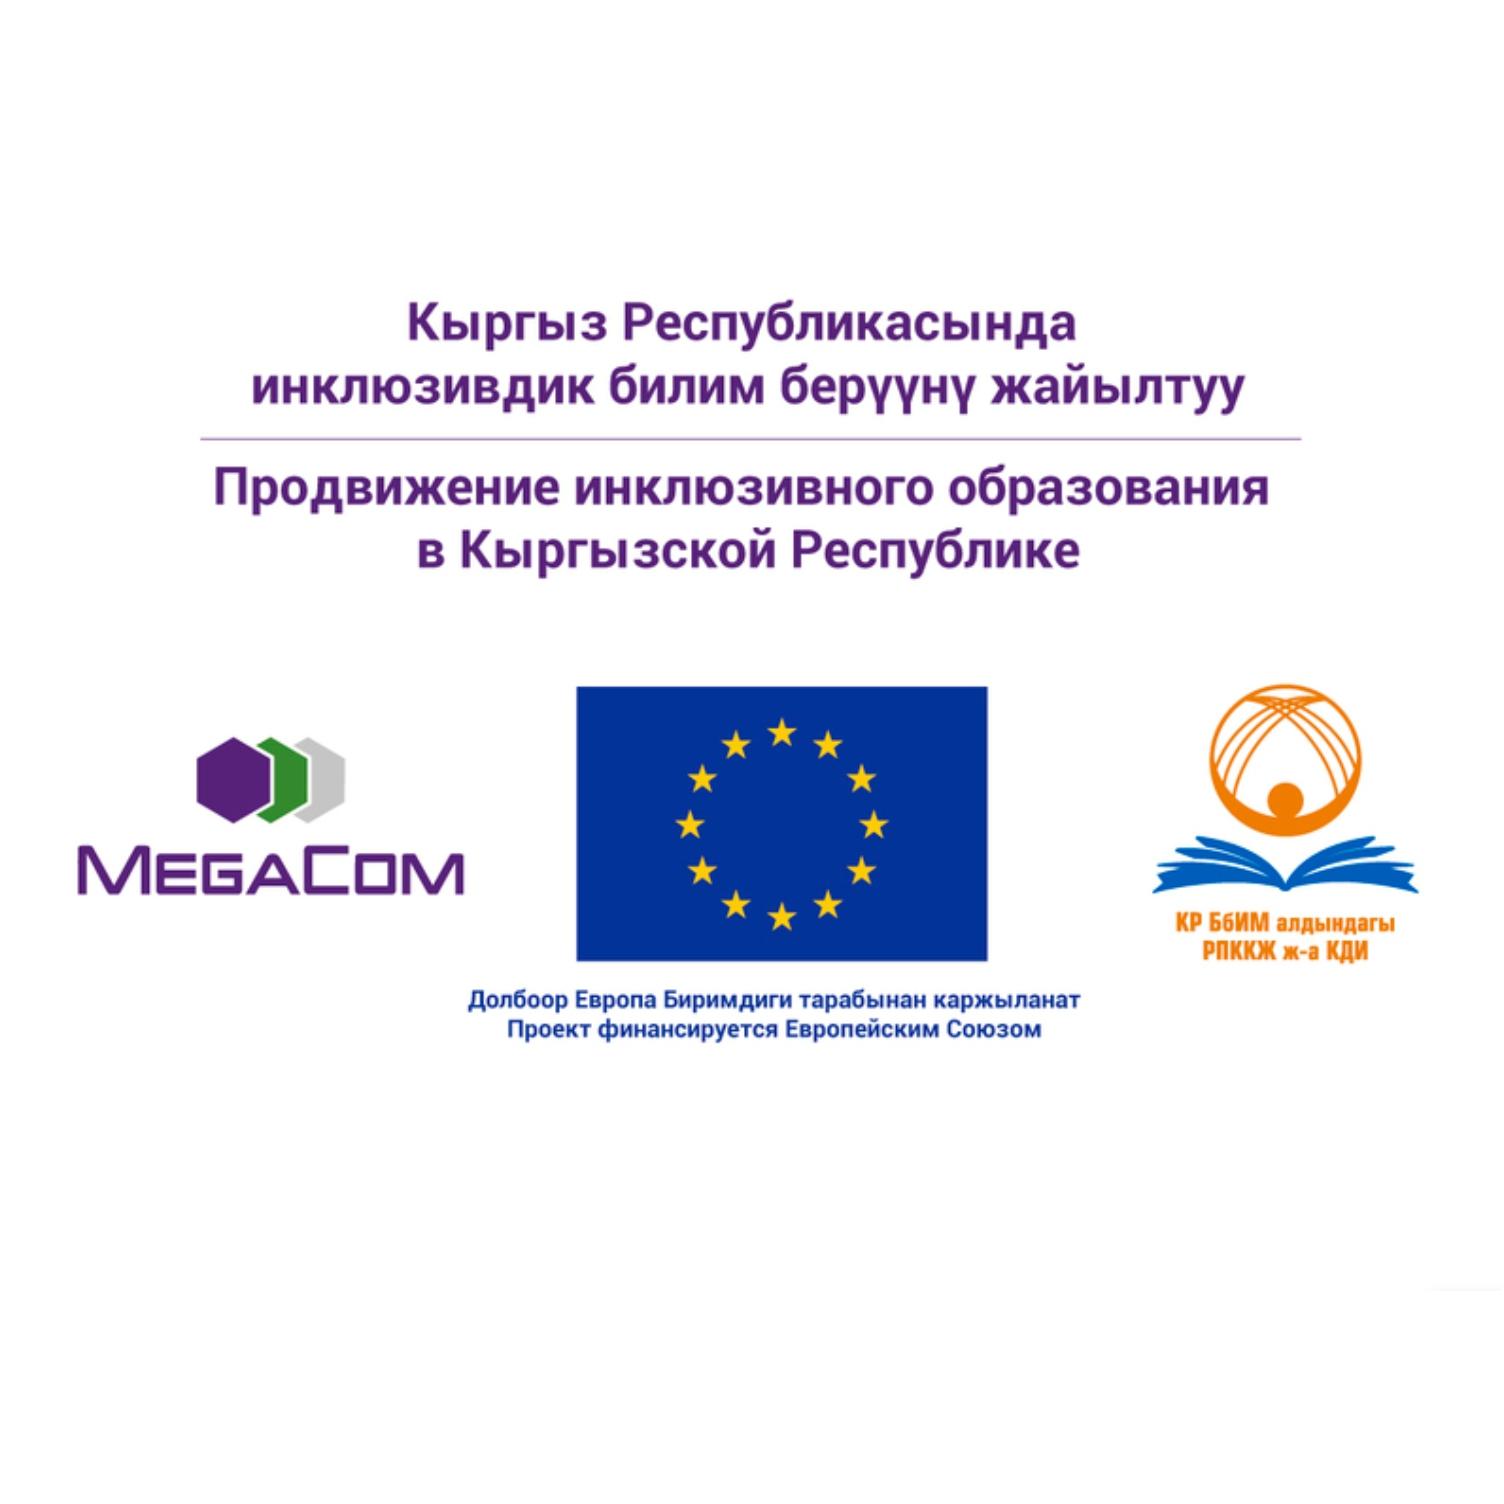 Компания MegaCom обеспечила детей с ОВЗ инновационными возможностями для инклюзивного образования